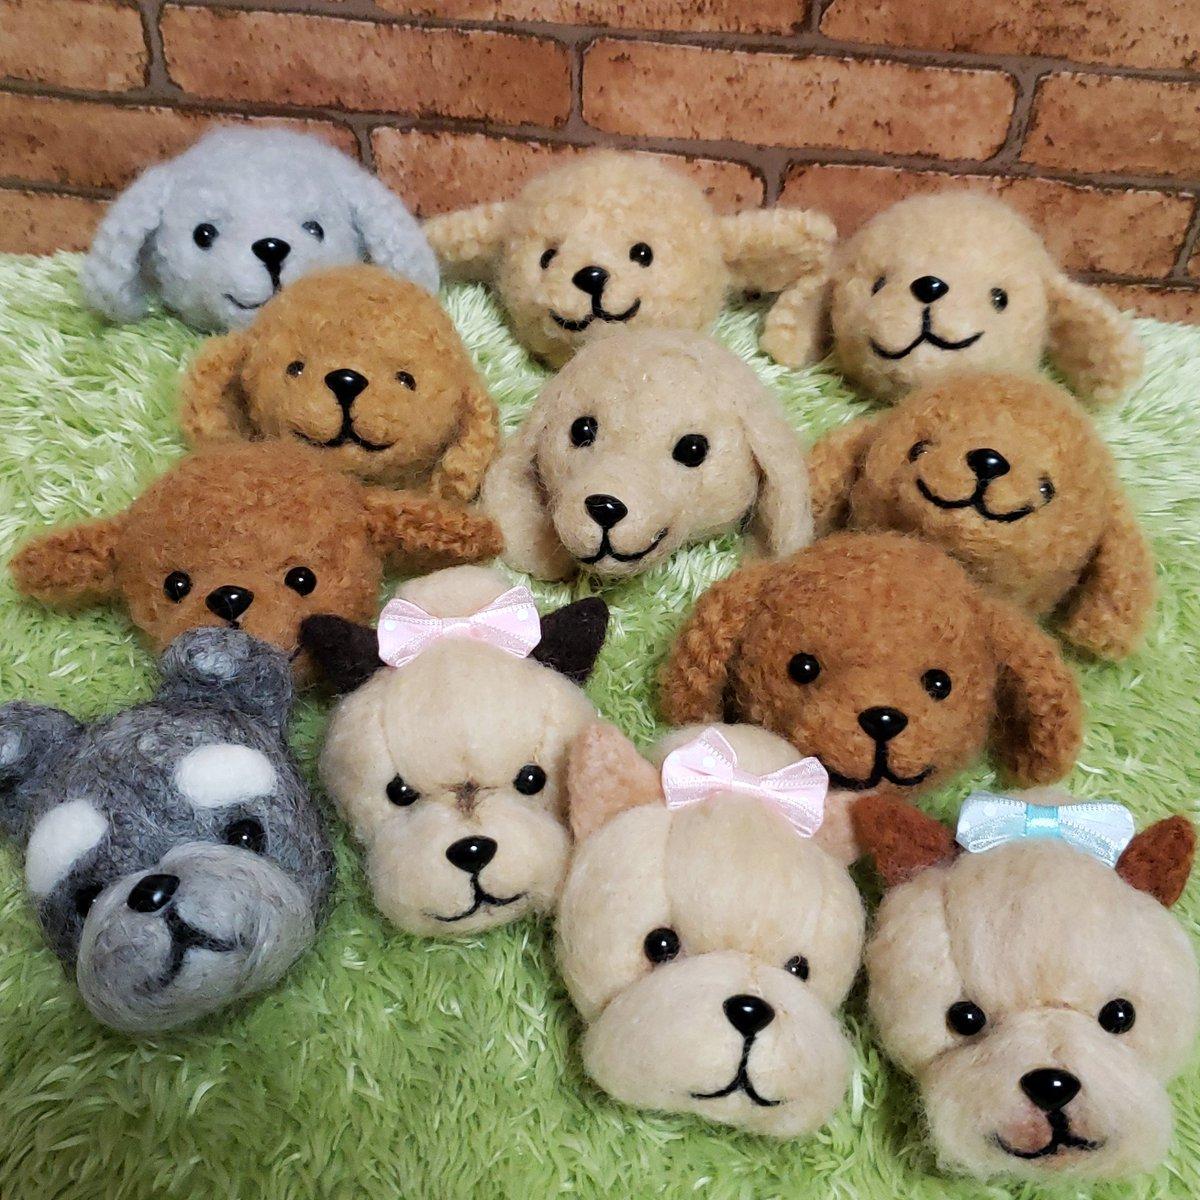 6/23 #artevarie に向けて製作頑張っています。 まだまだだと思っていたのに来週  気合いいれて #ワンコ の補充です。 まだまだ追い付けませんー がんばります #トイプードル #ミニチュアしシュナウザー #ゴールデンレトリバー #ヨークシャーテリア  #柴犬 #ミニチュアダックスフント も作らなければ